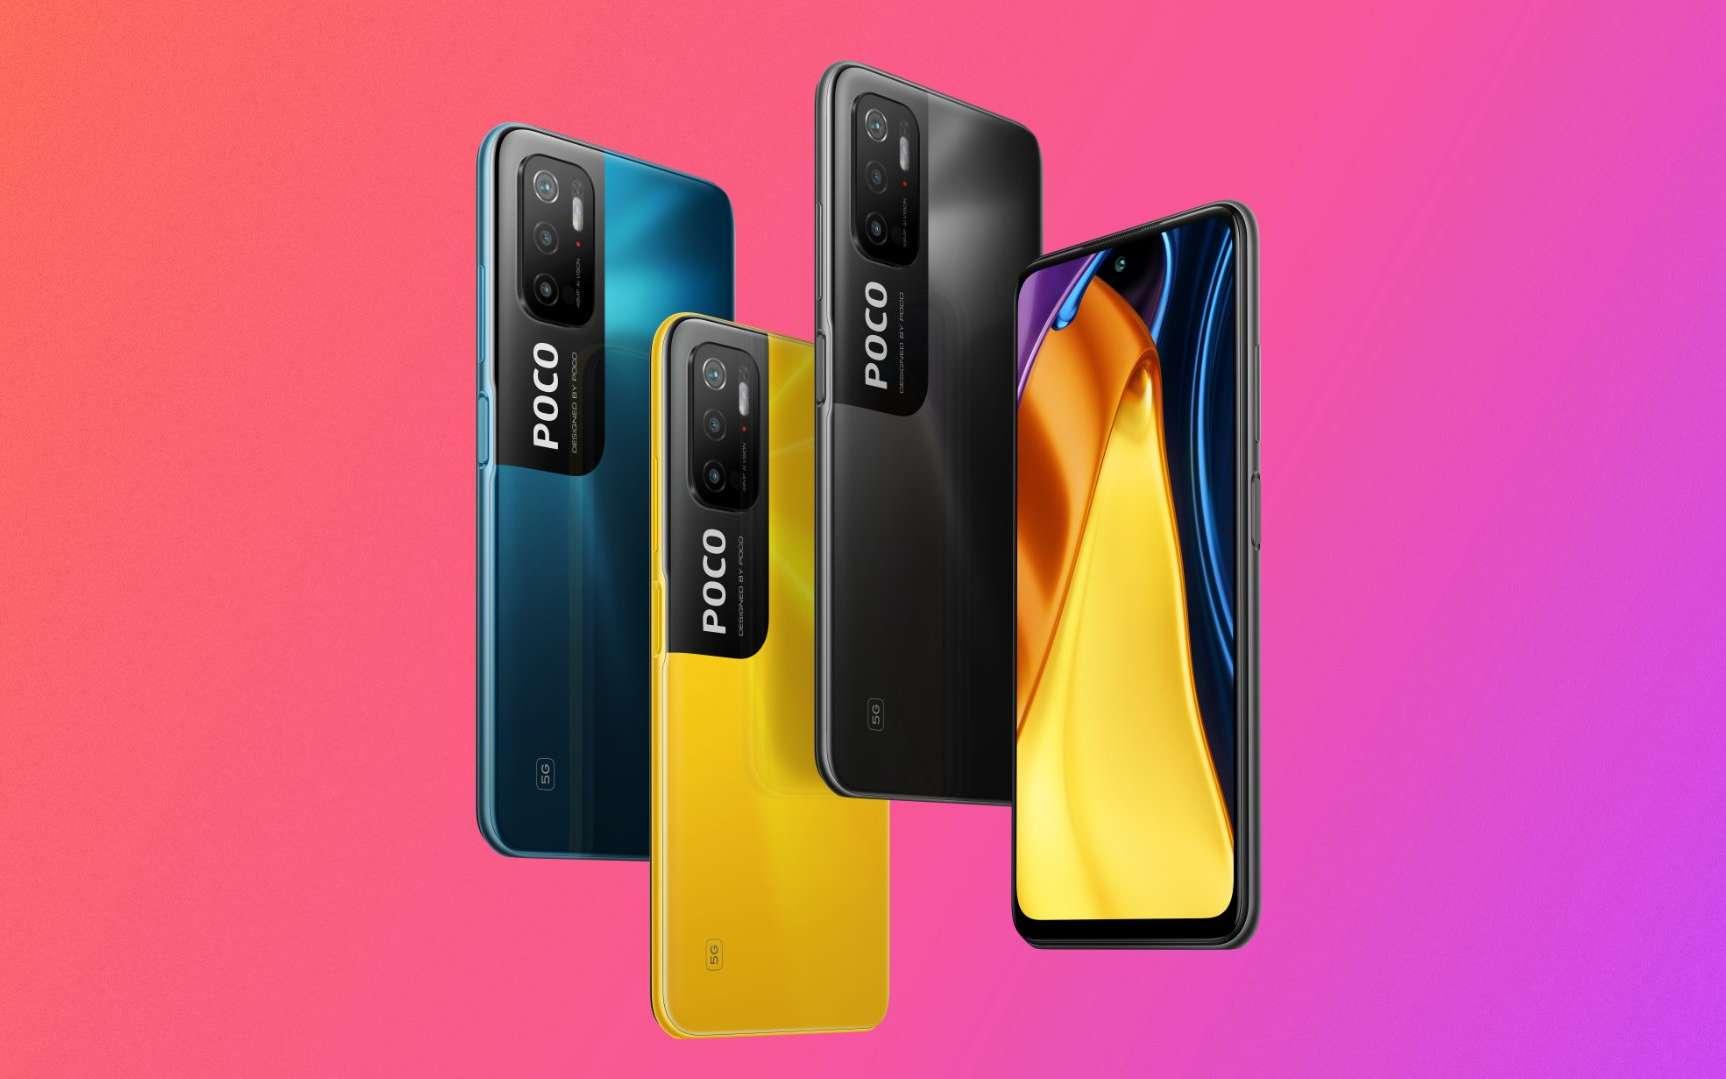 Le Xiaomi POCO M3 Pro 5G officialisé le 20 mai 2021